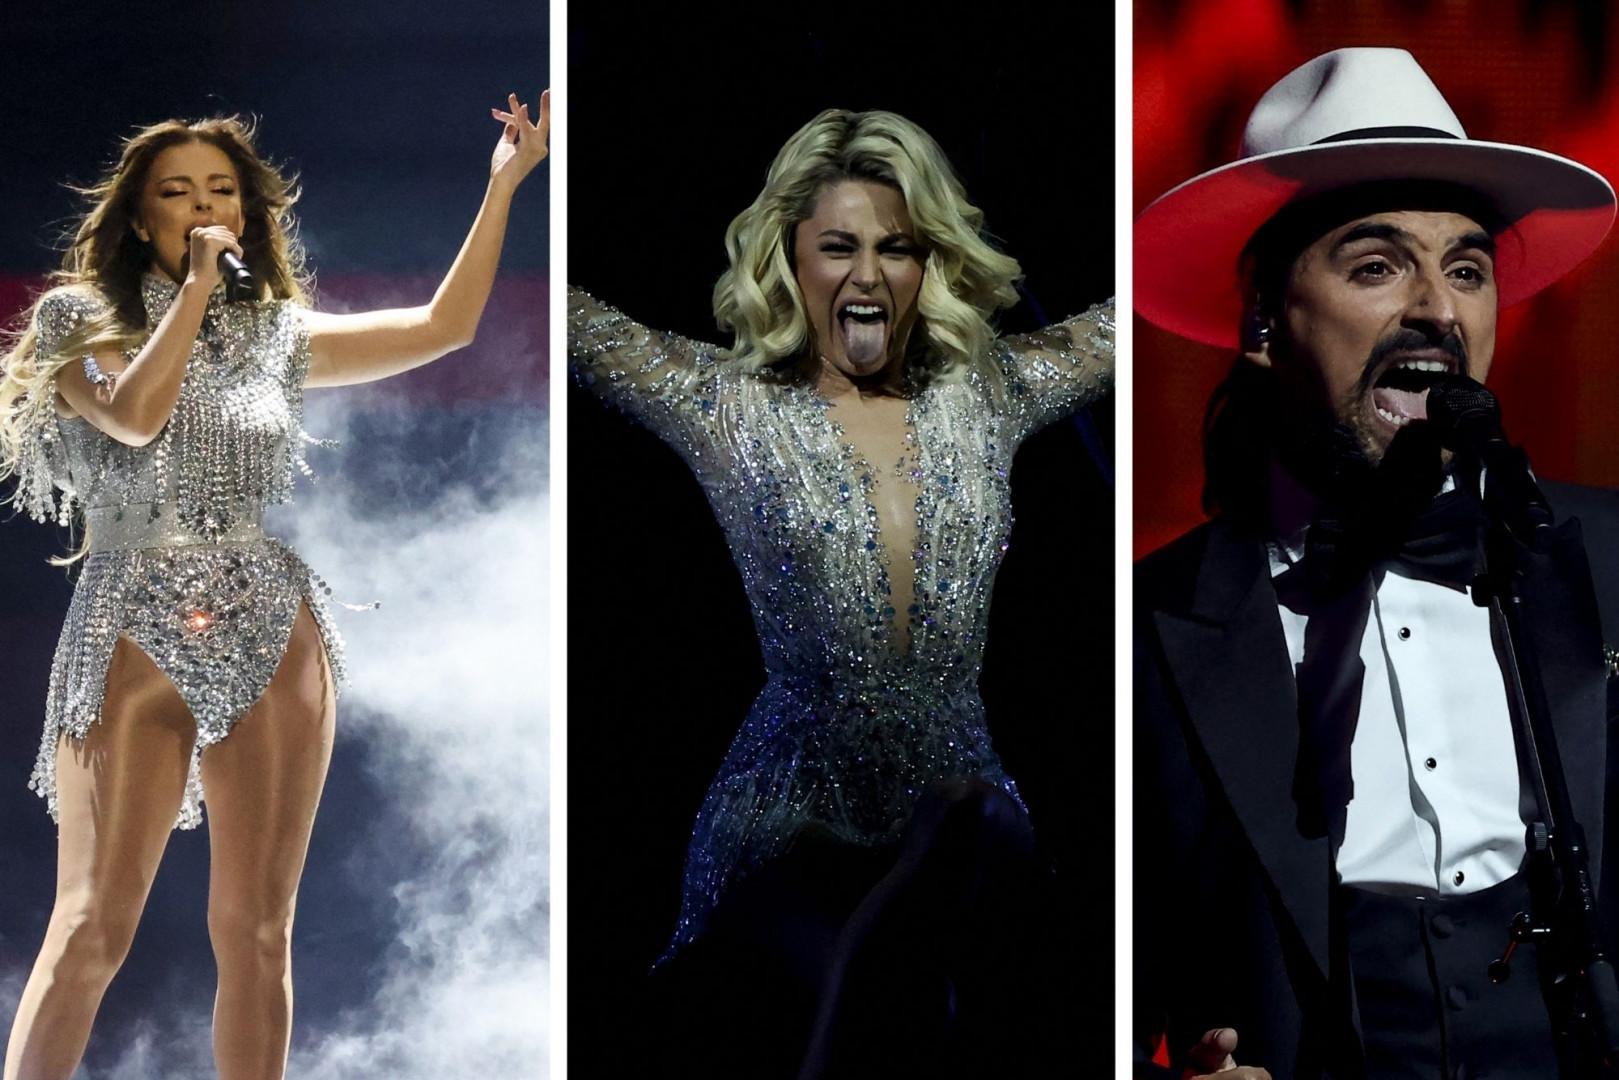 La deuxième demi-finale de l'Eurovision 2021 a eu lieu dans la soirée du 21 mai 2021